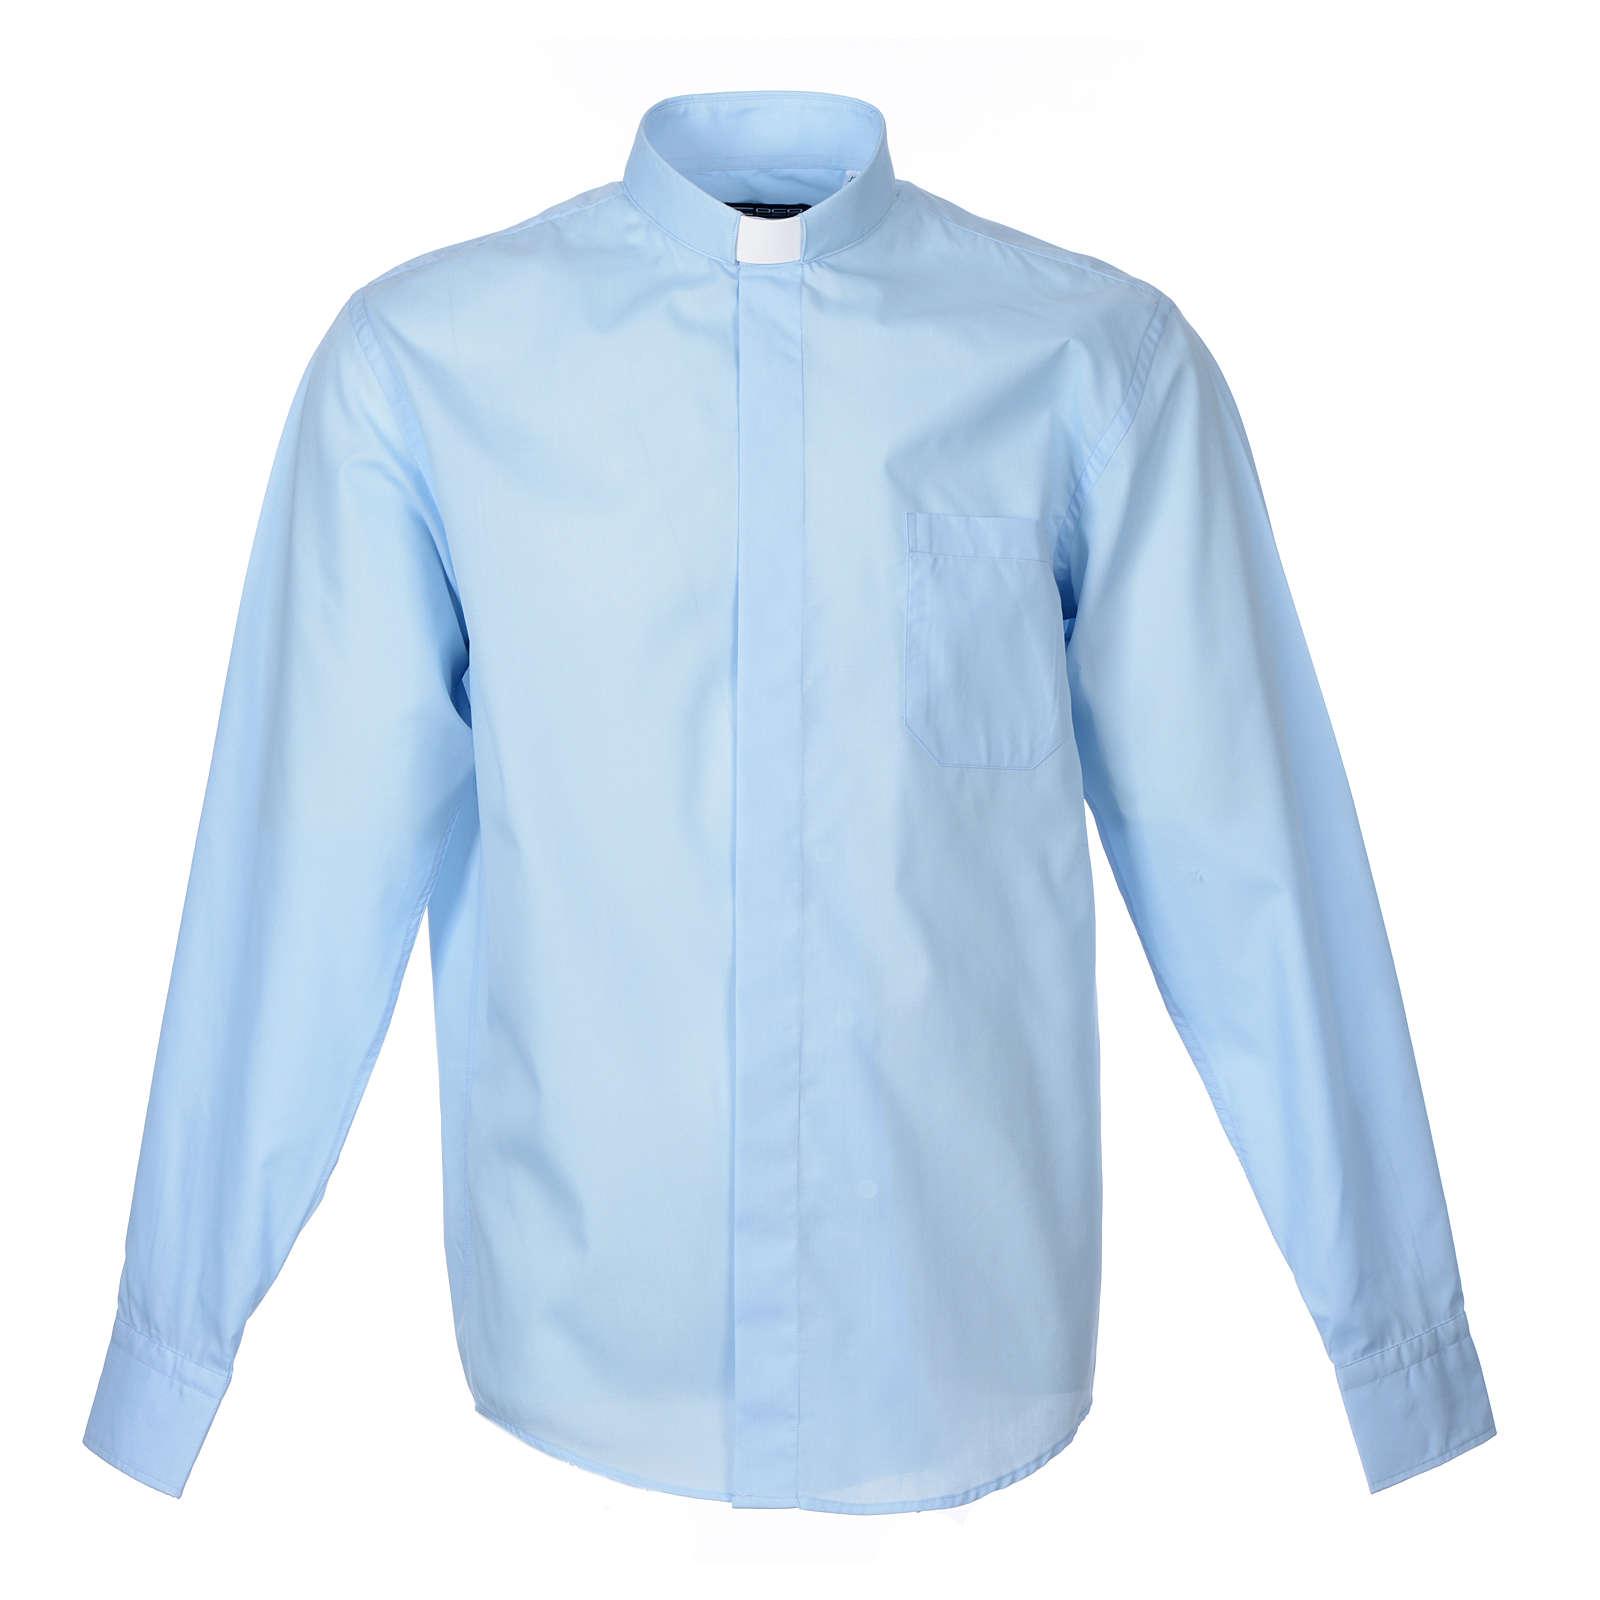 Collarhemd mit Langarm aus Baumwoll-Polyester-Mischgewebe in der Farbe Himmelblau 4